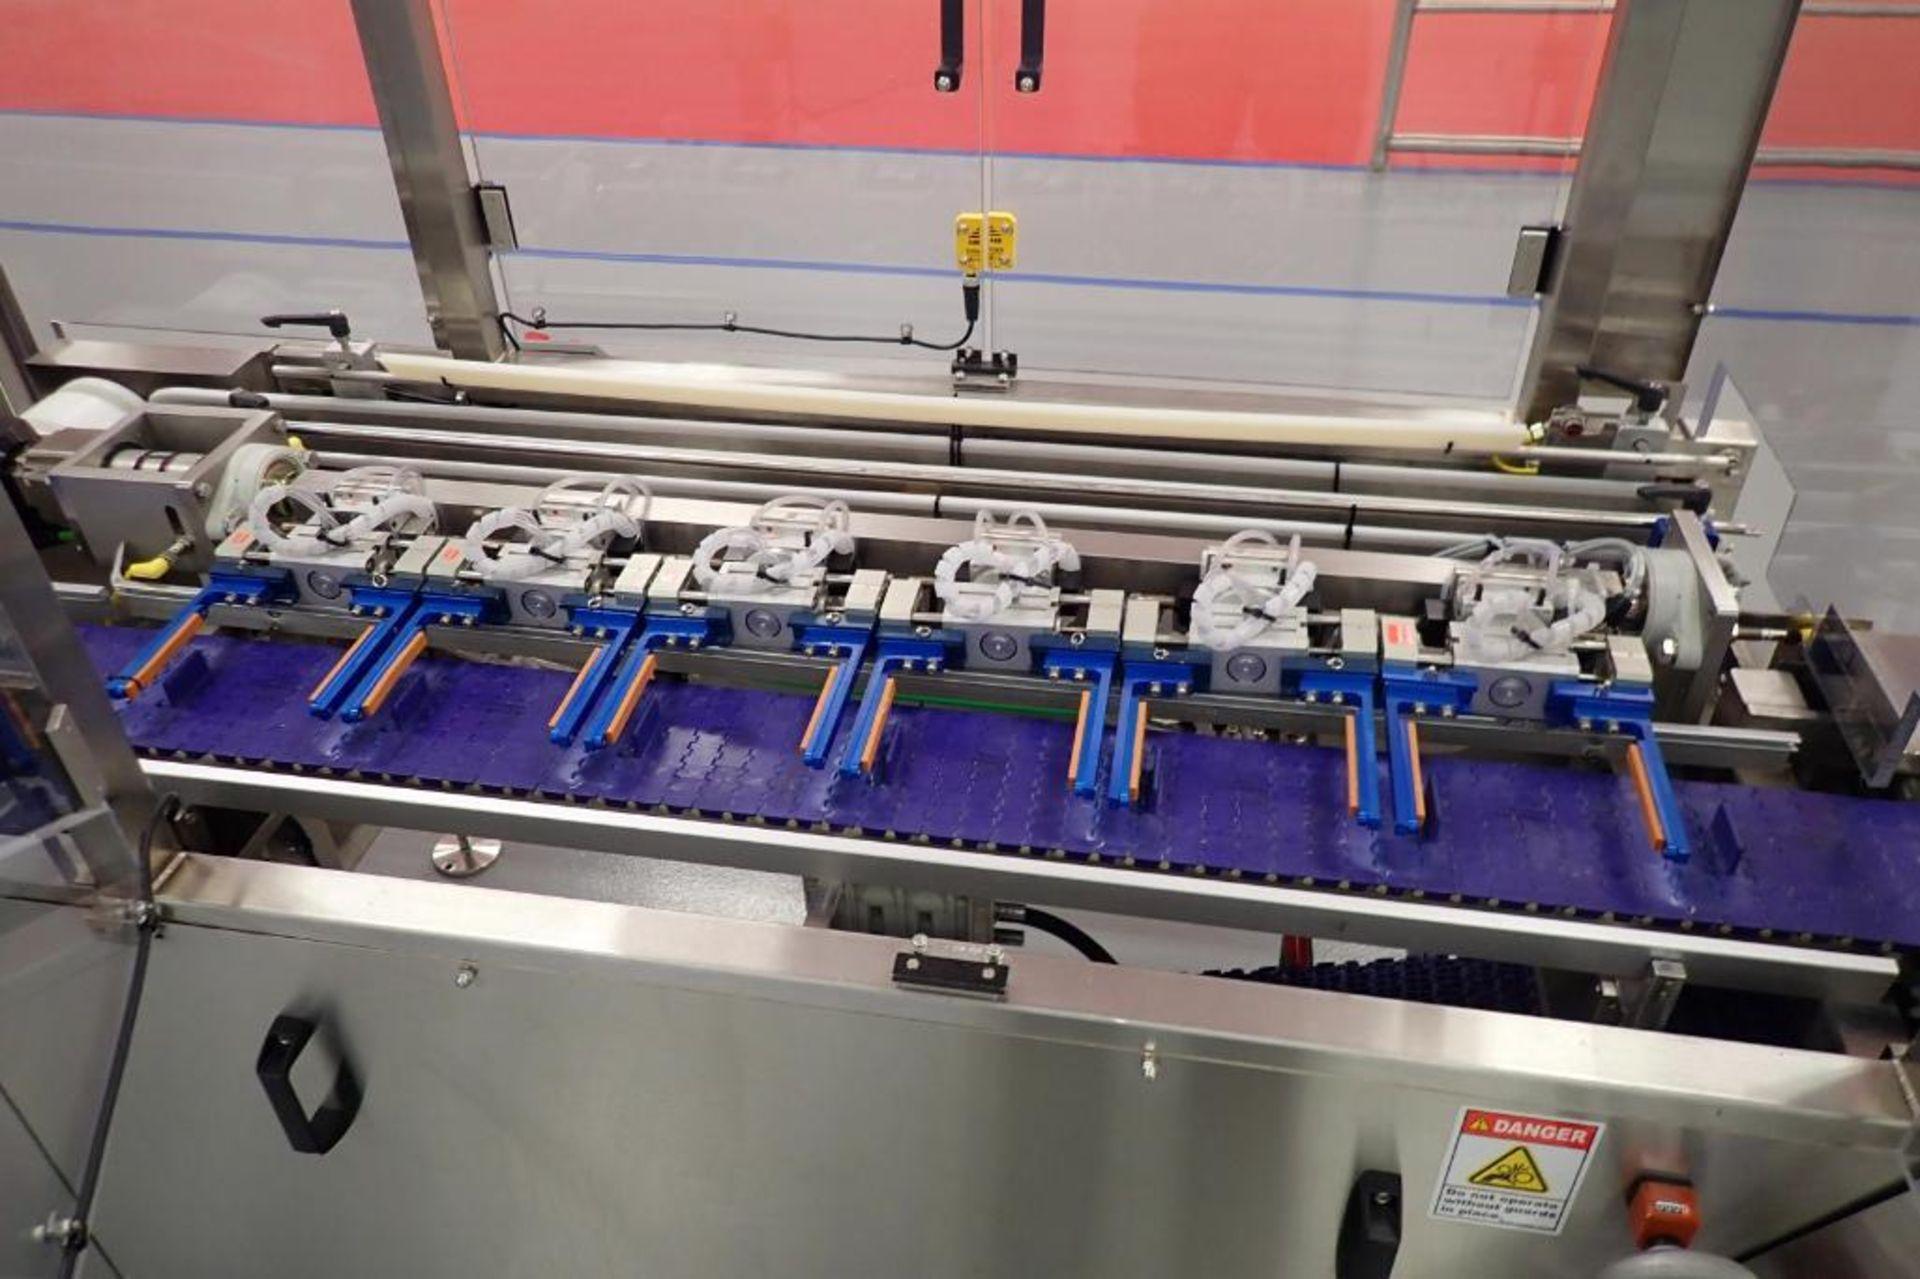 Lot 4 - 2015 FEMC conveyor system, Model 8100-124, SN 8666 vertical conveyor 13 ft. long x 24 in. tall